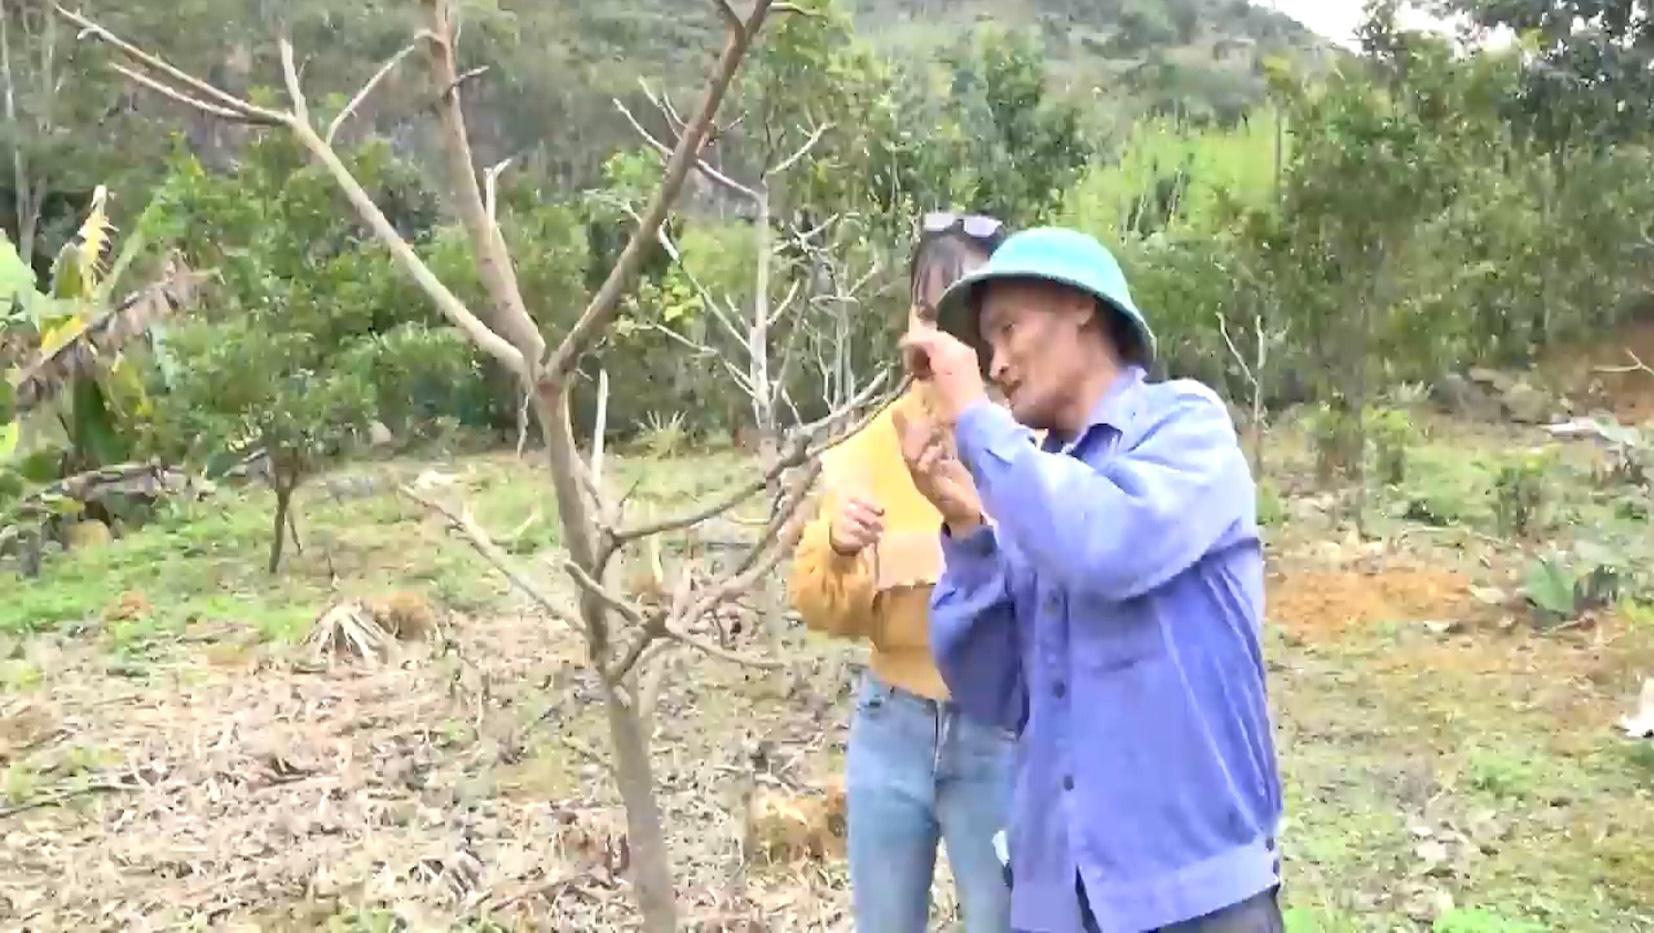 Yên Bái: Triển vọng từ mô hình trồng na ở huyện Văn Chấn - Ảnh 7.